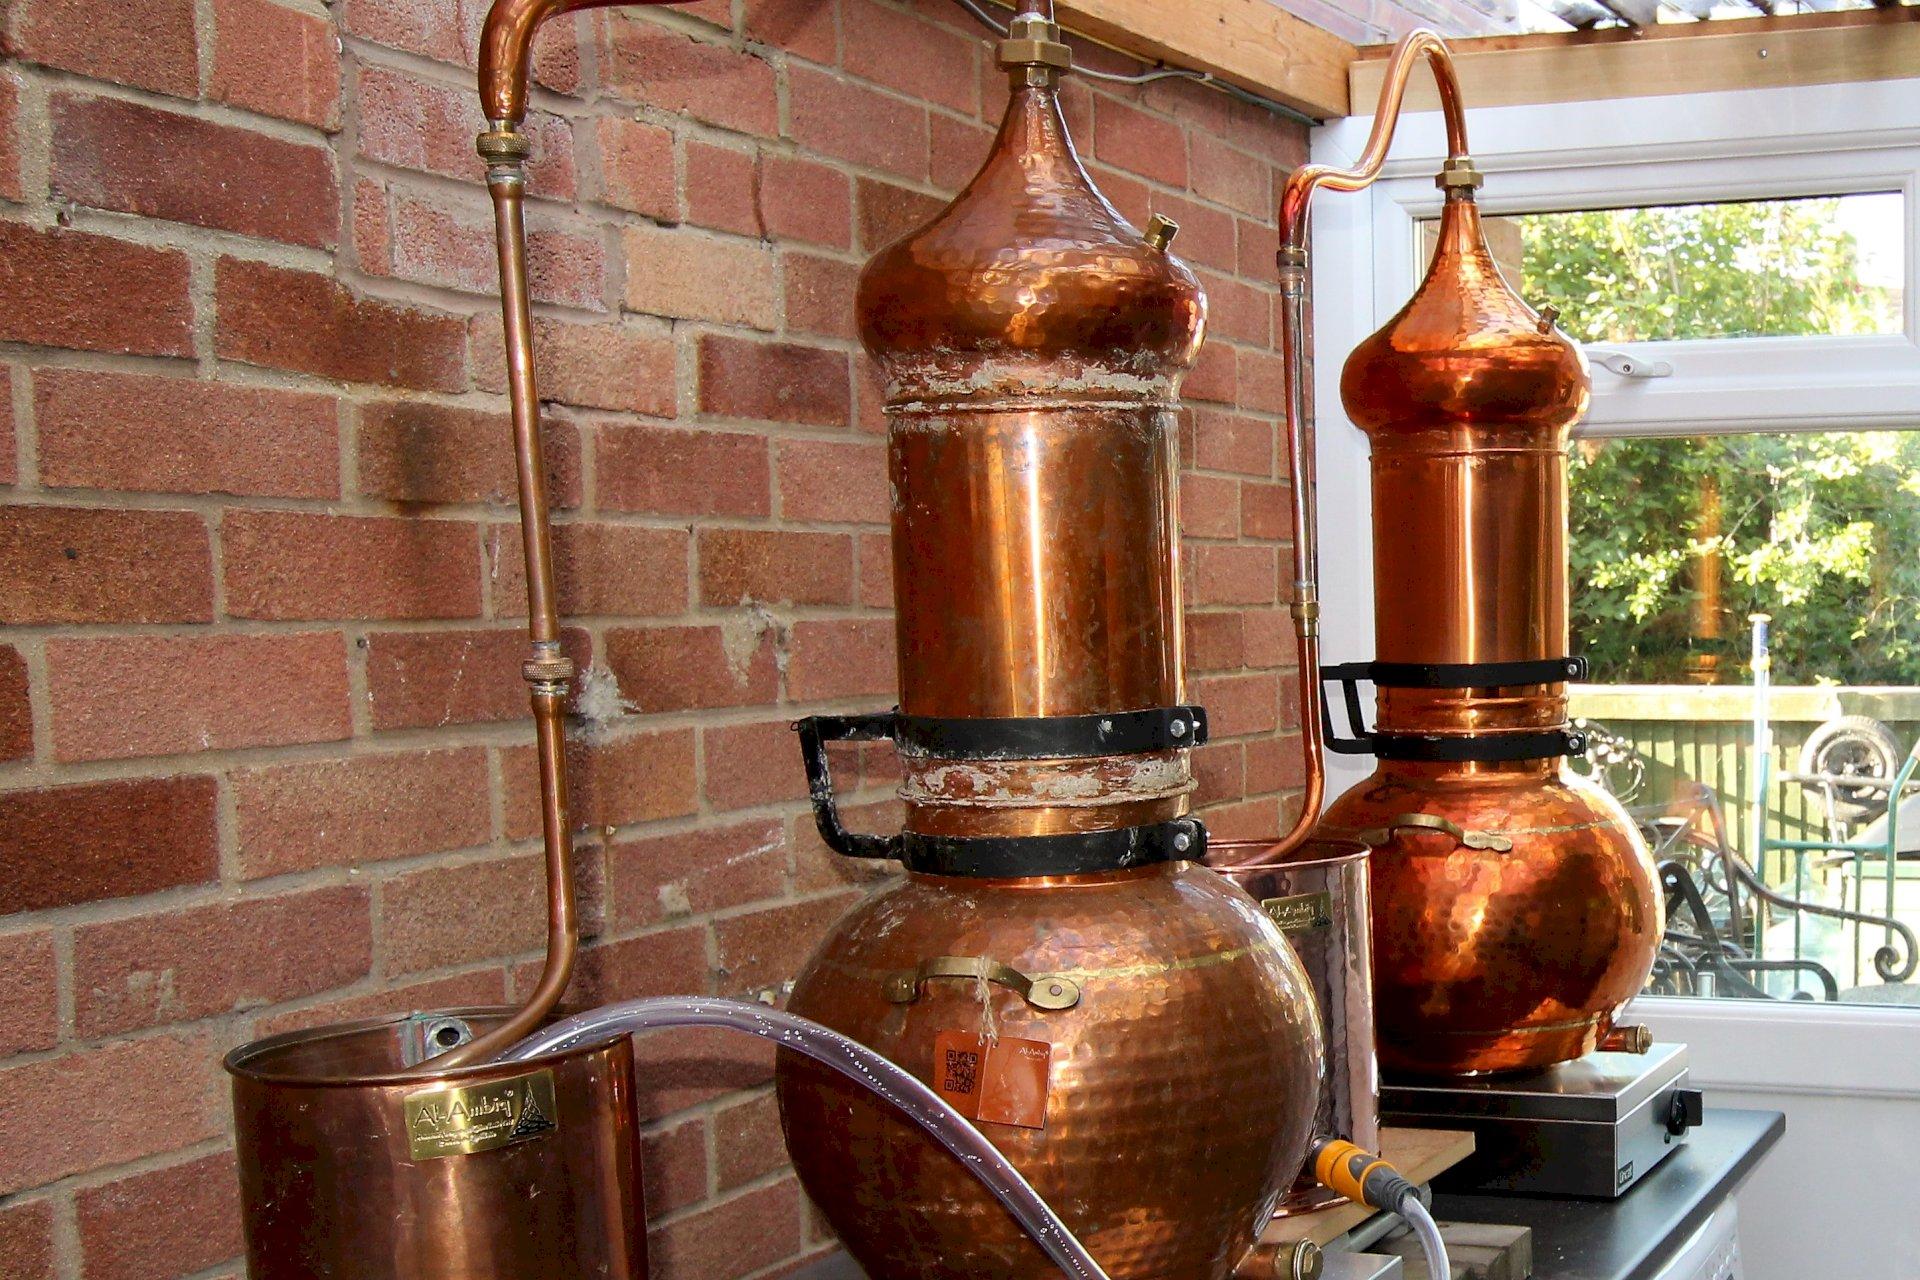 Mother's Ruin Chalgrove Artisan Distillery Still